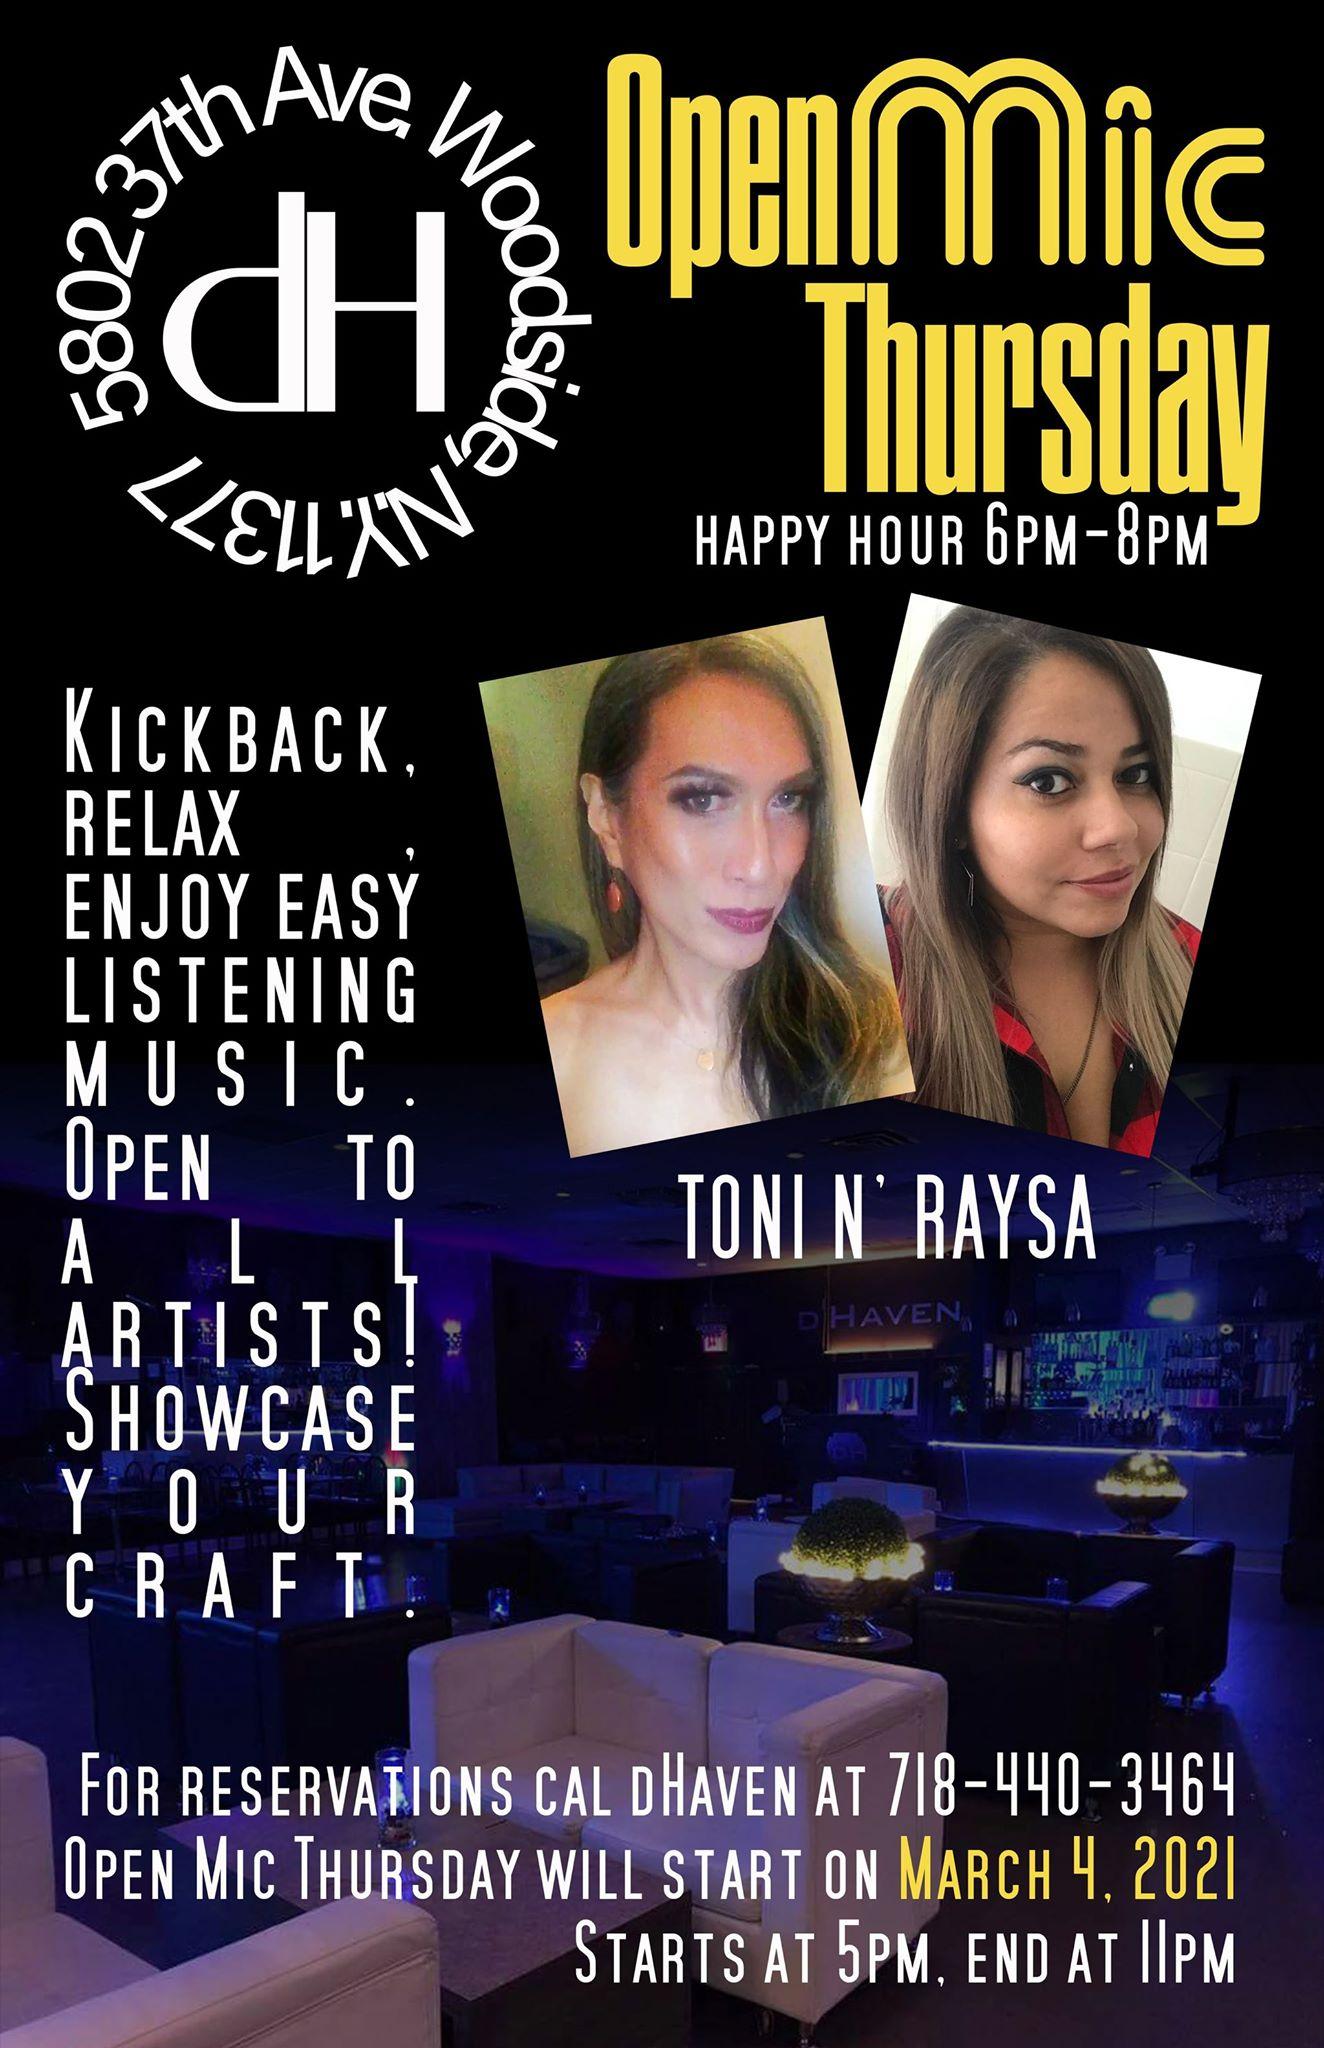 Open Mic Thursday